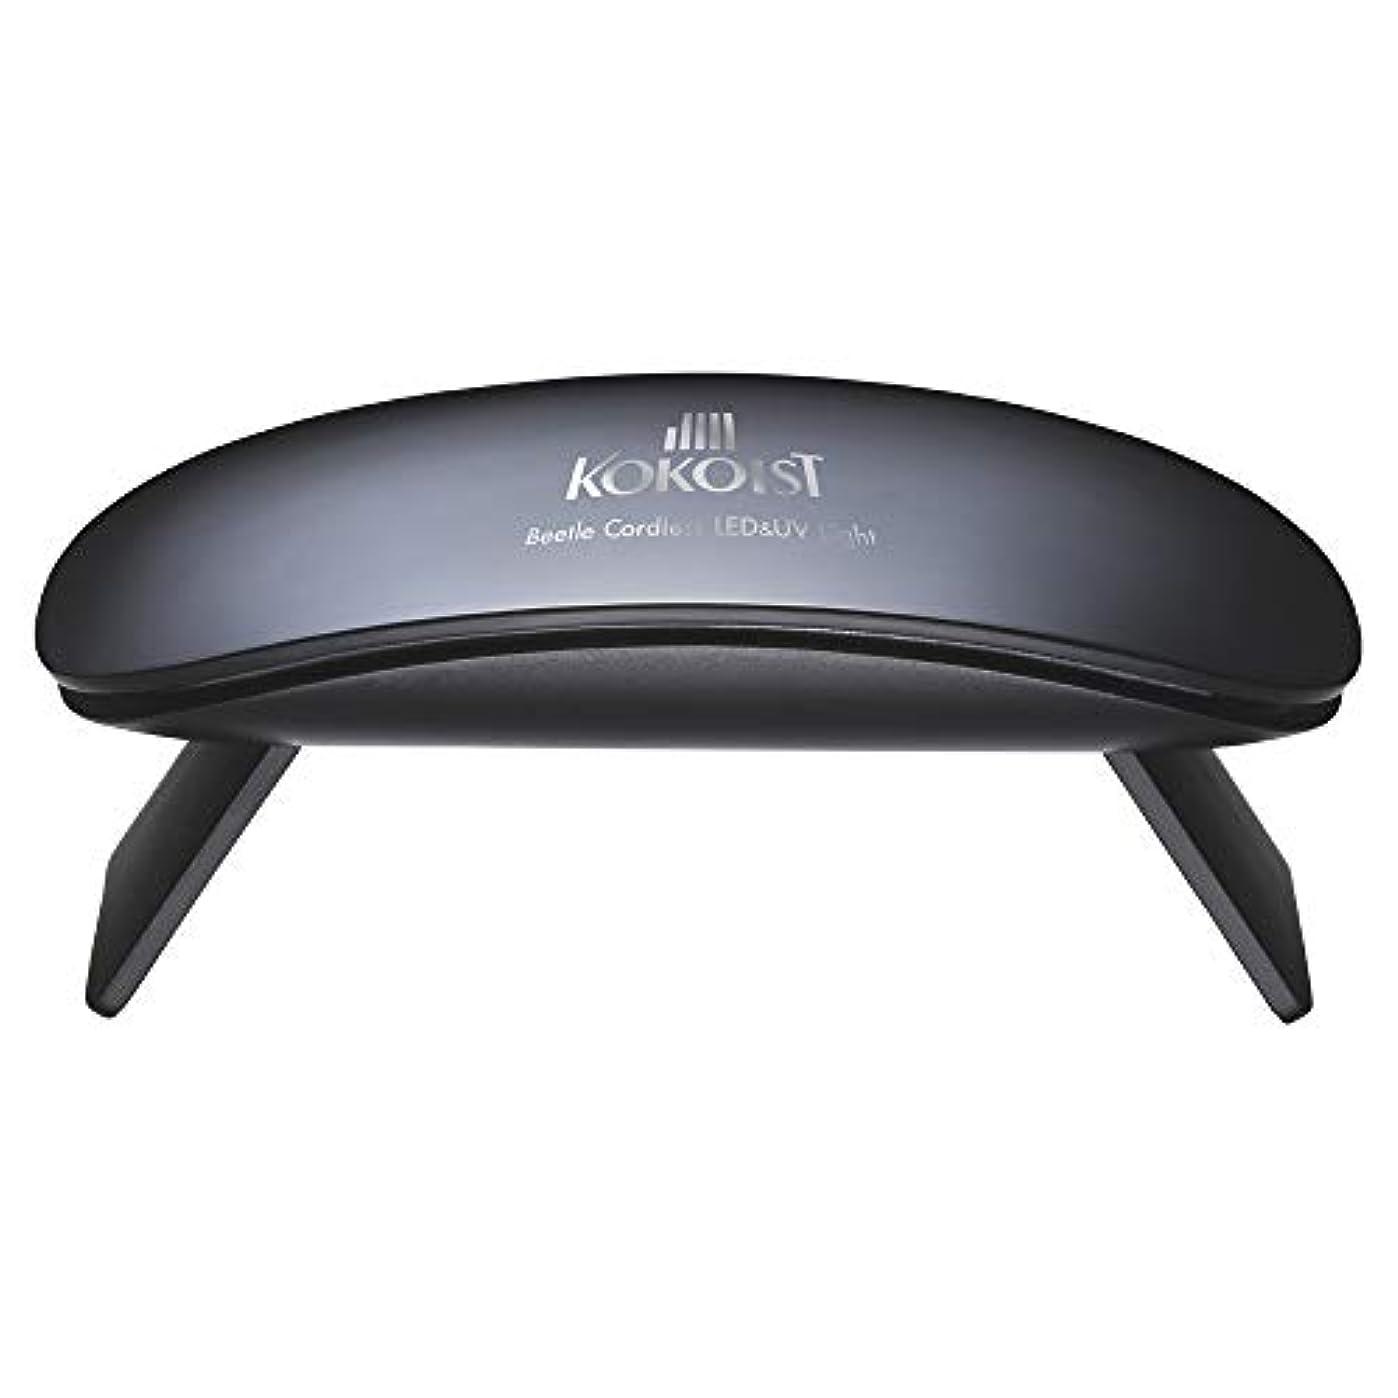 こねる痛み対処ココイスト KOKOIST BeetleコードレスLED&UVライト 9W セット 本体+USBコード